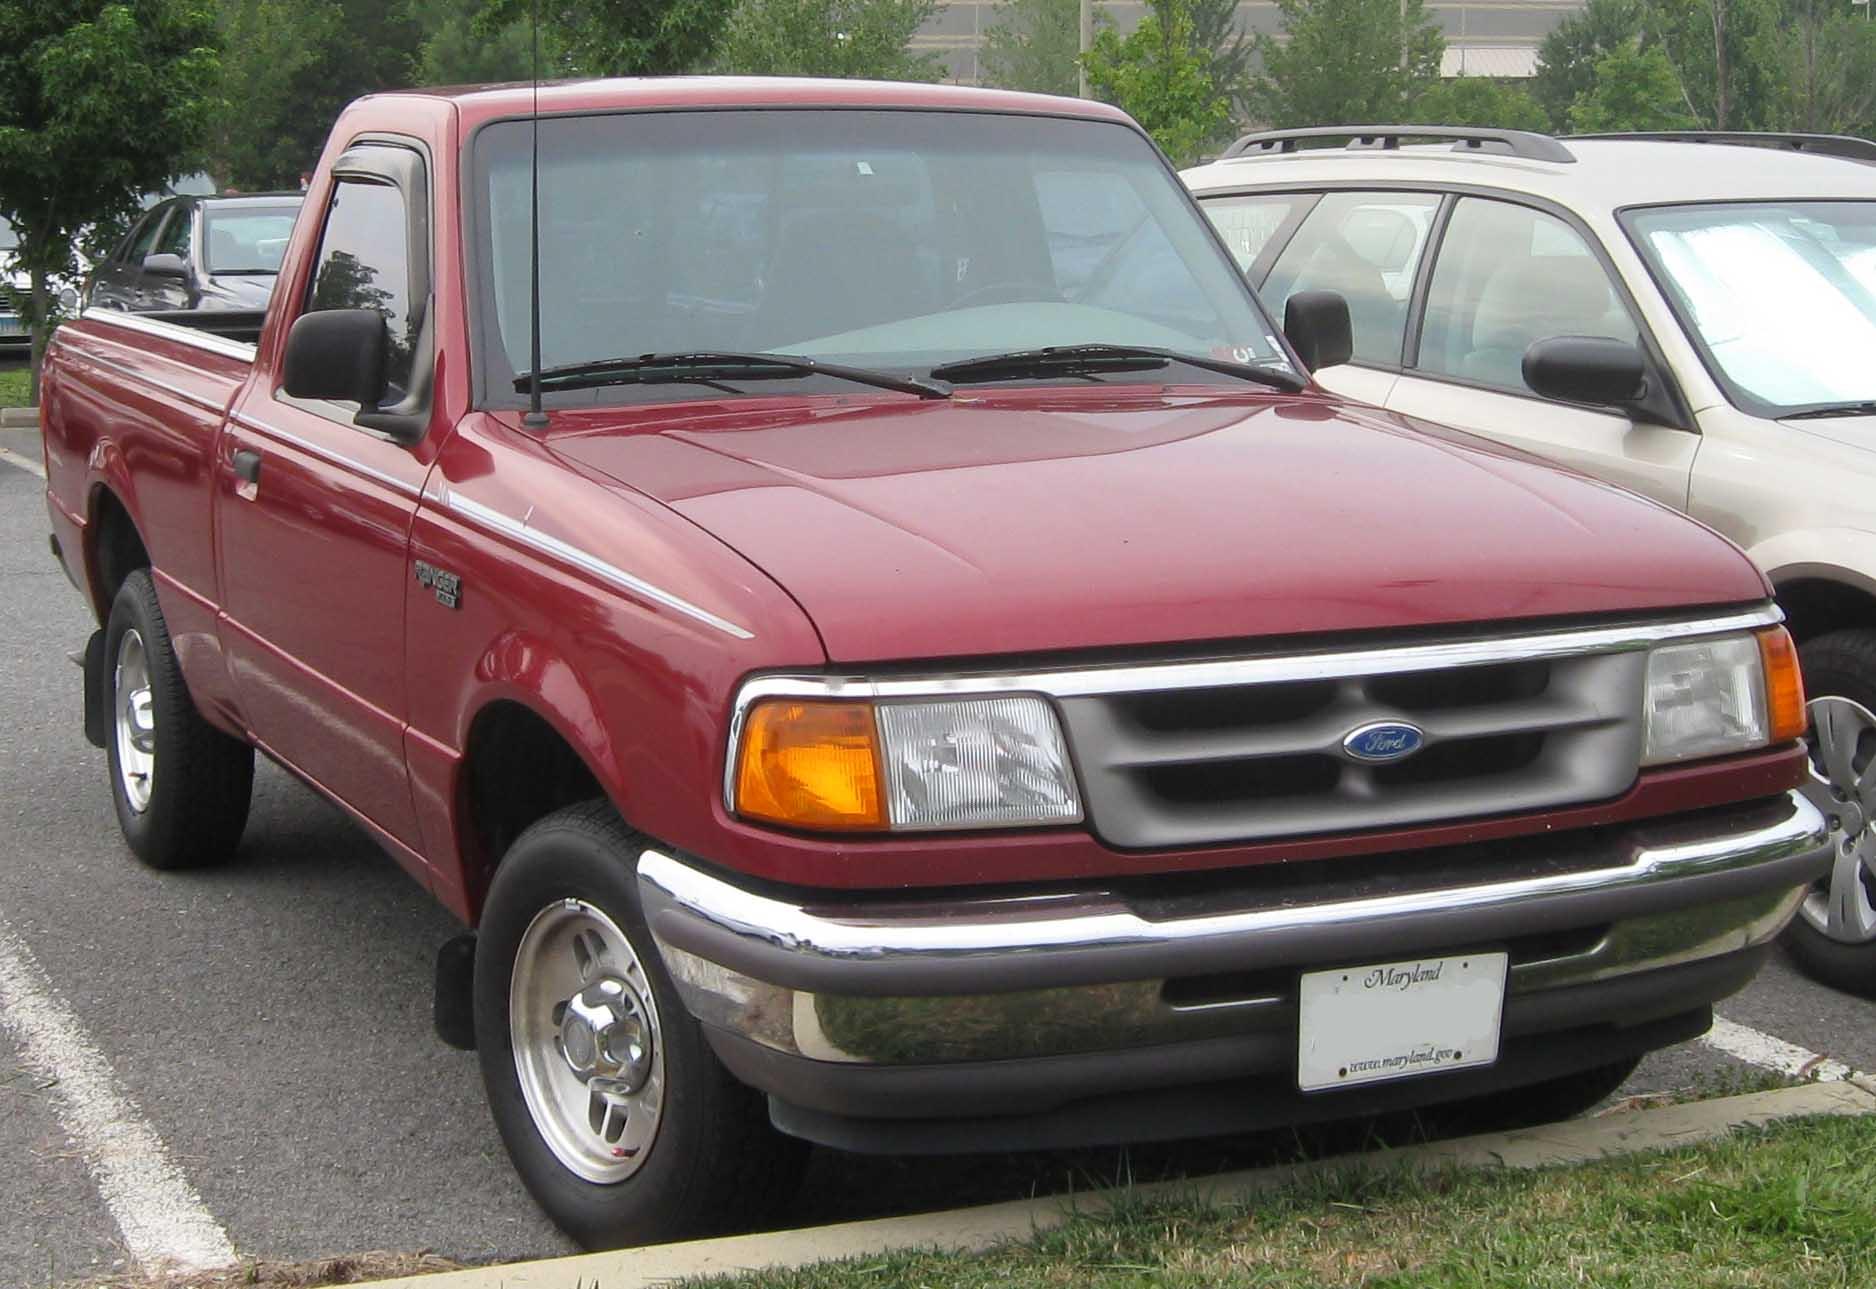 File:95-97 Ford Ranger XLT.jpg